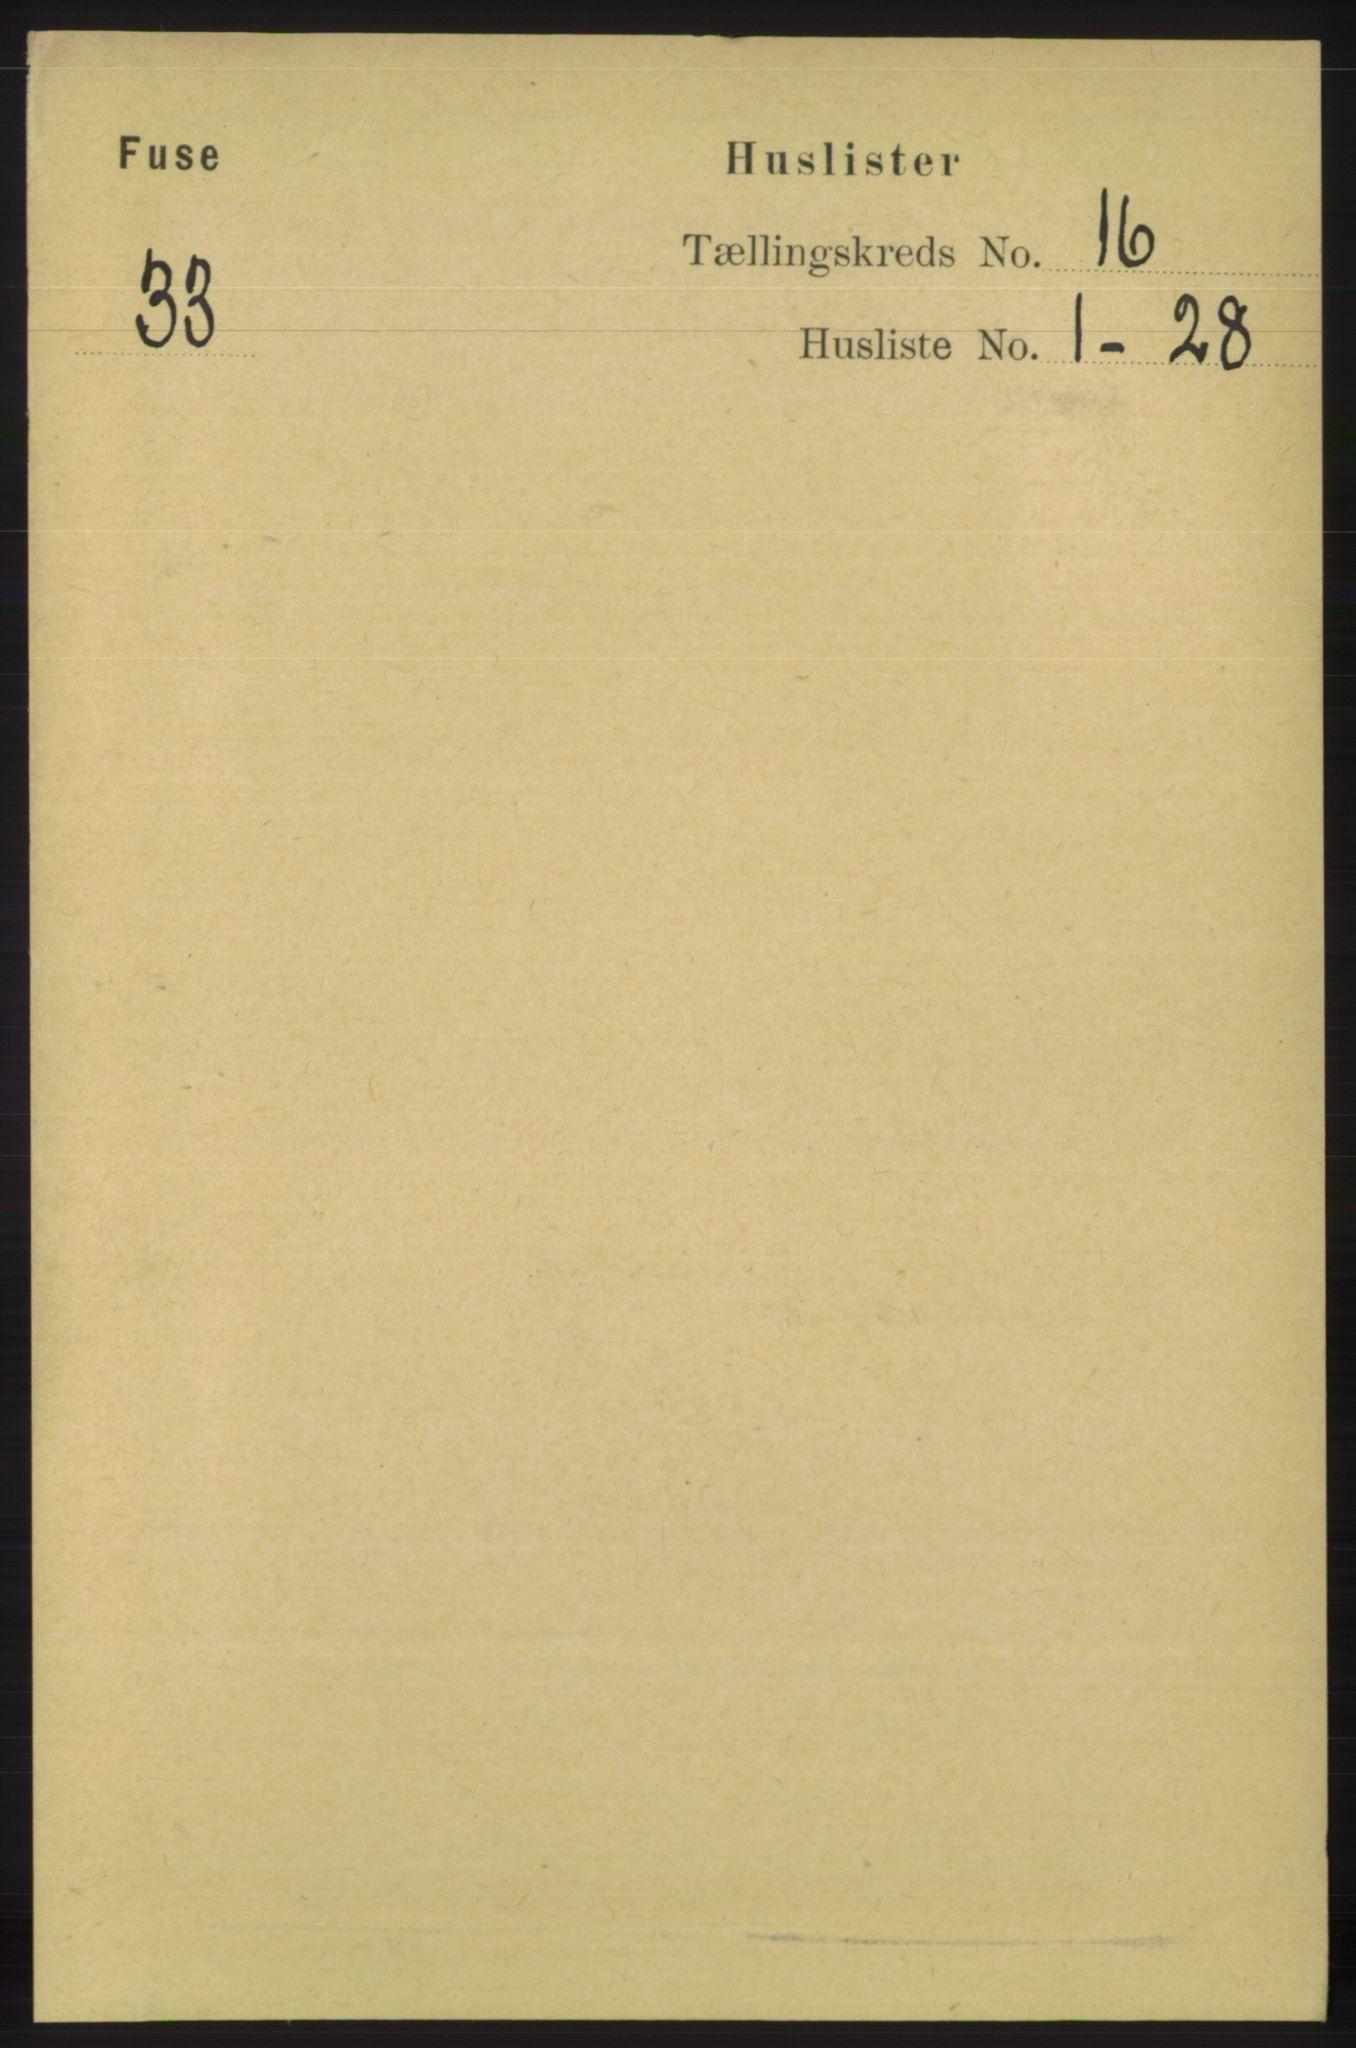 RA, Folketelling 1891 for 1241 Fusa herred, 1891, s. 3567